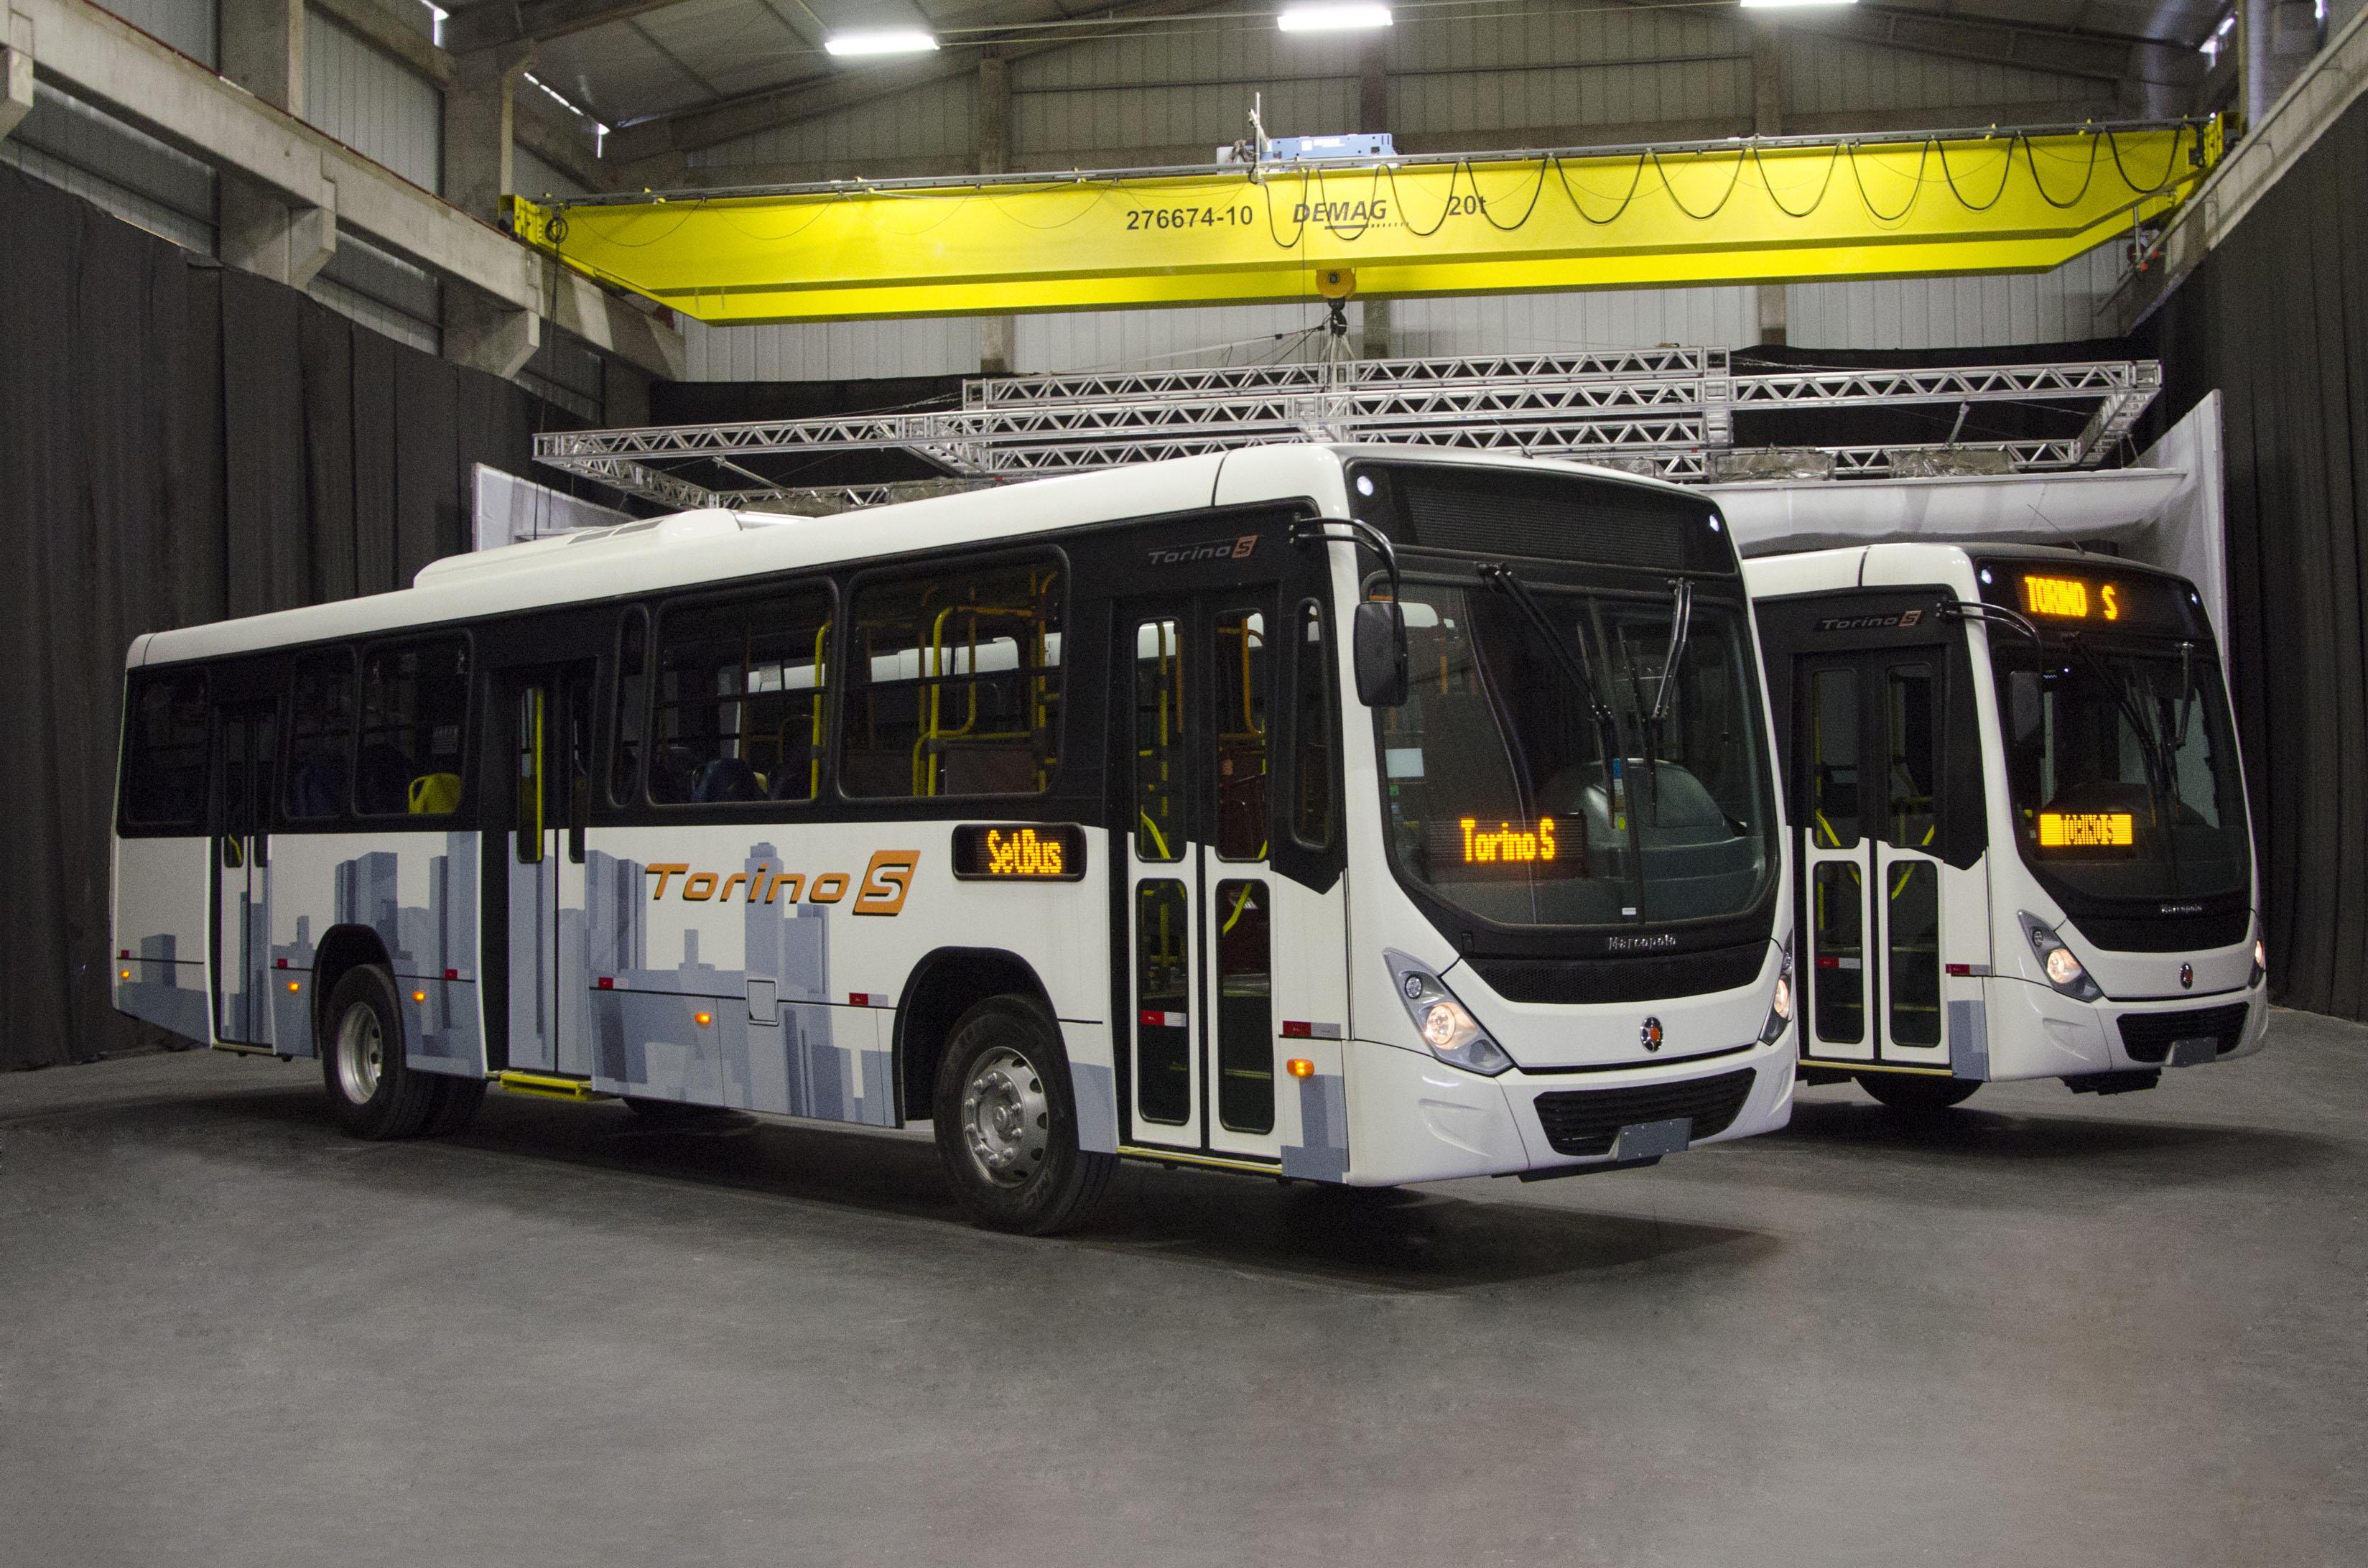 Marco Polo Torino : Unibus rn marcopolo homenageia seu fundador com ônibus